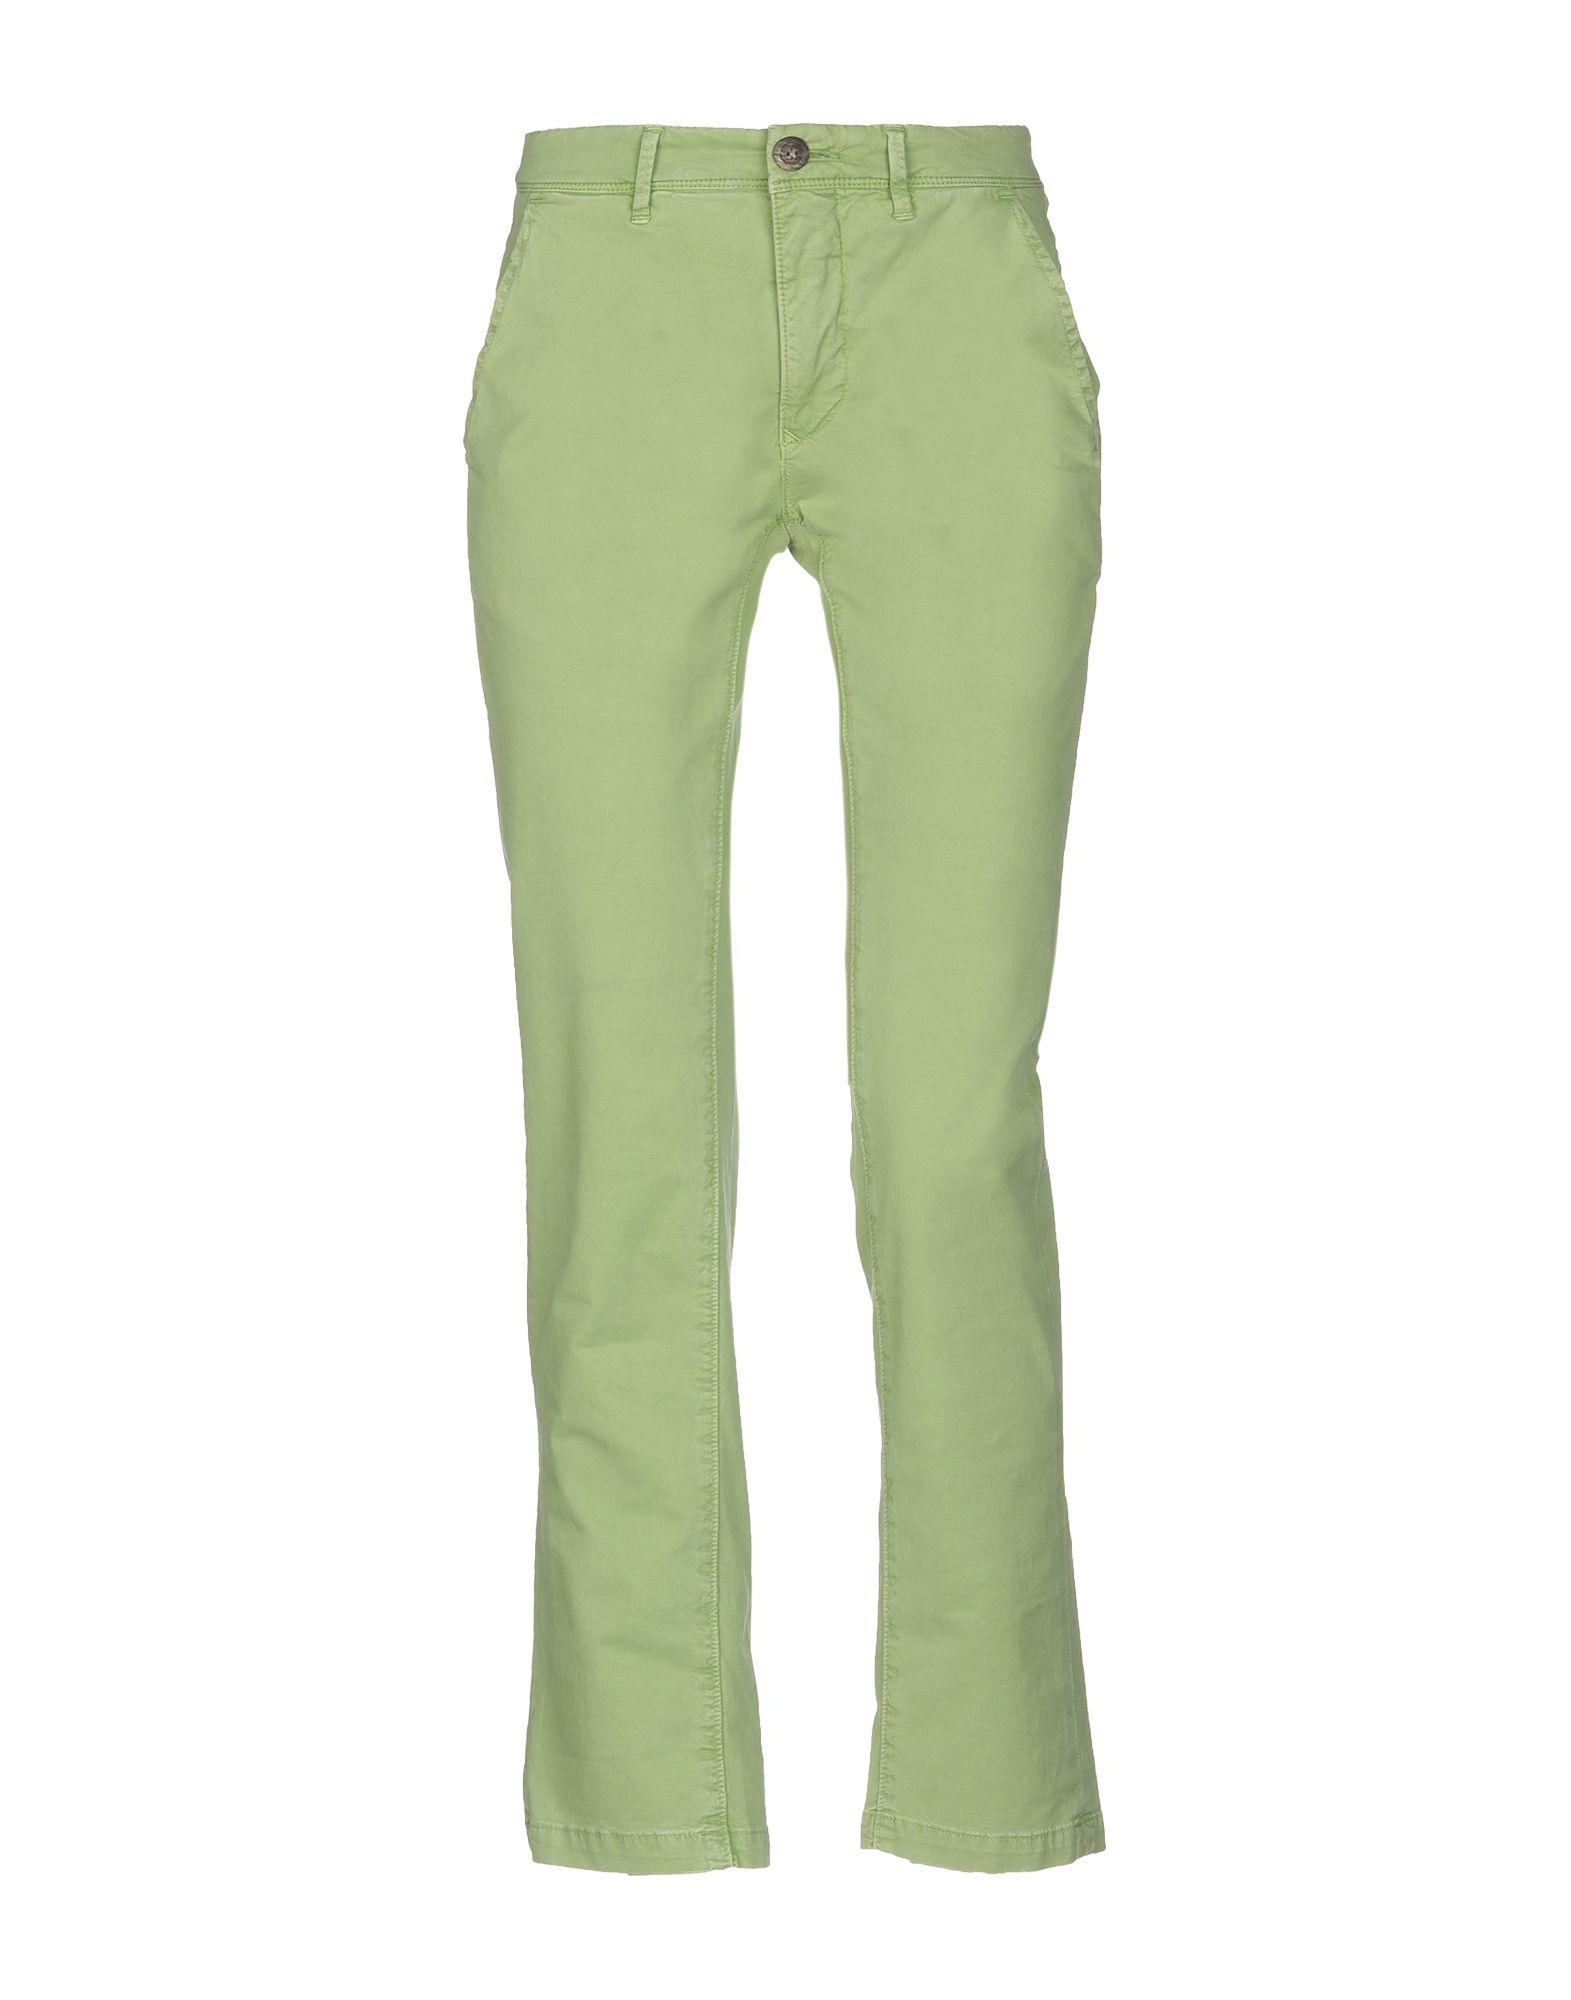 Pantalone Siviglia bianca donna donna - 13269226KD